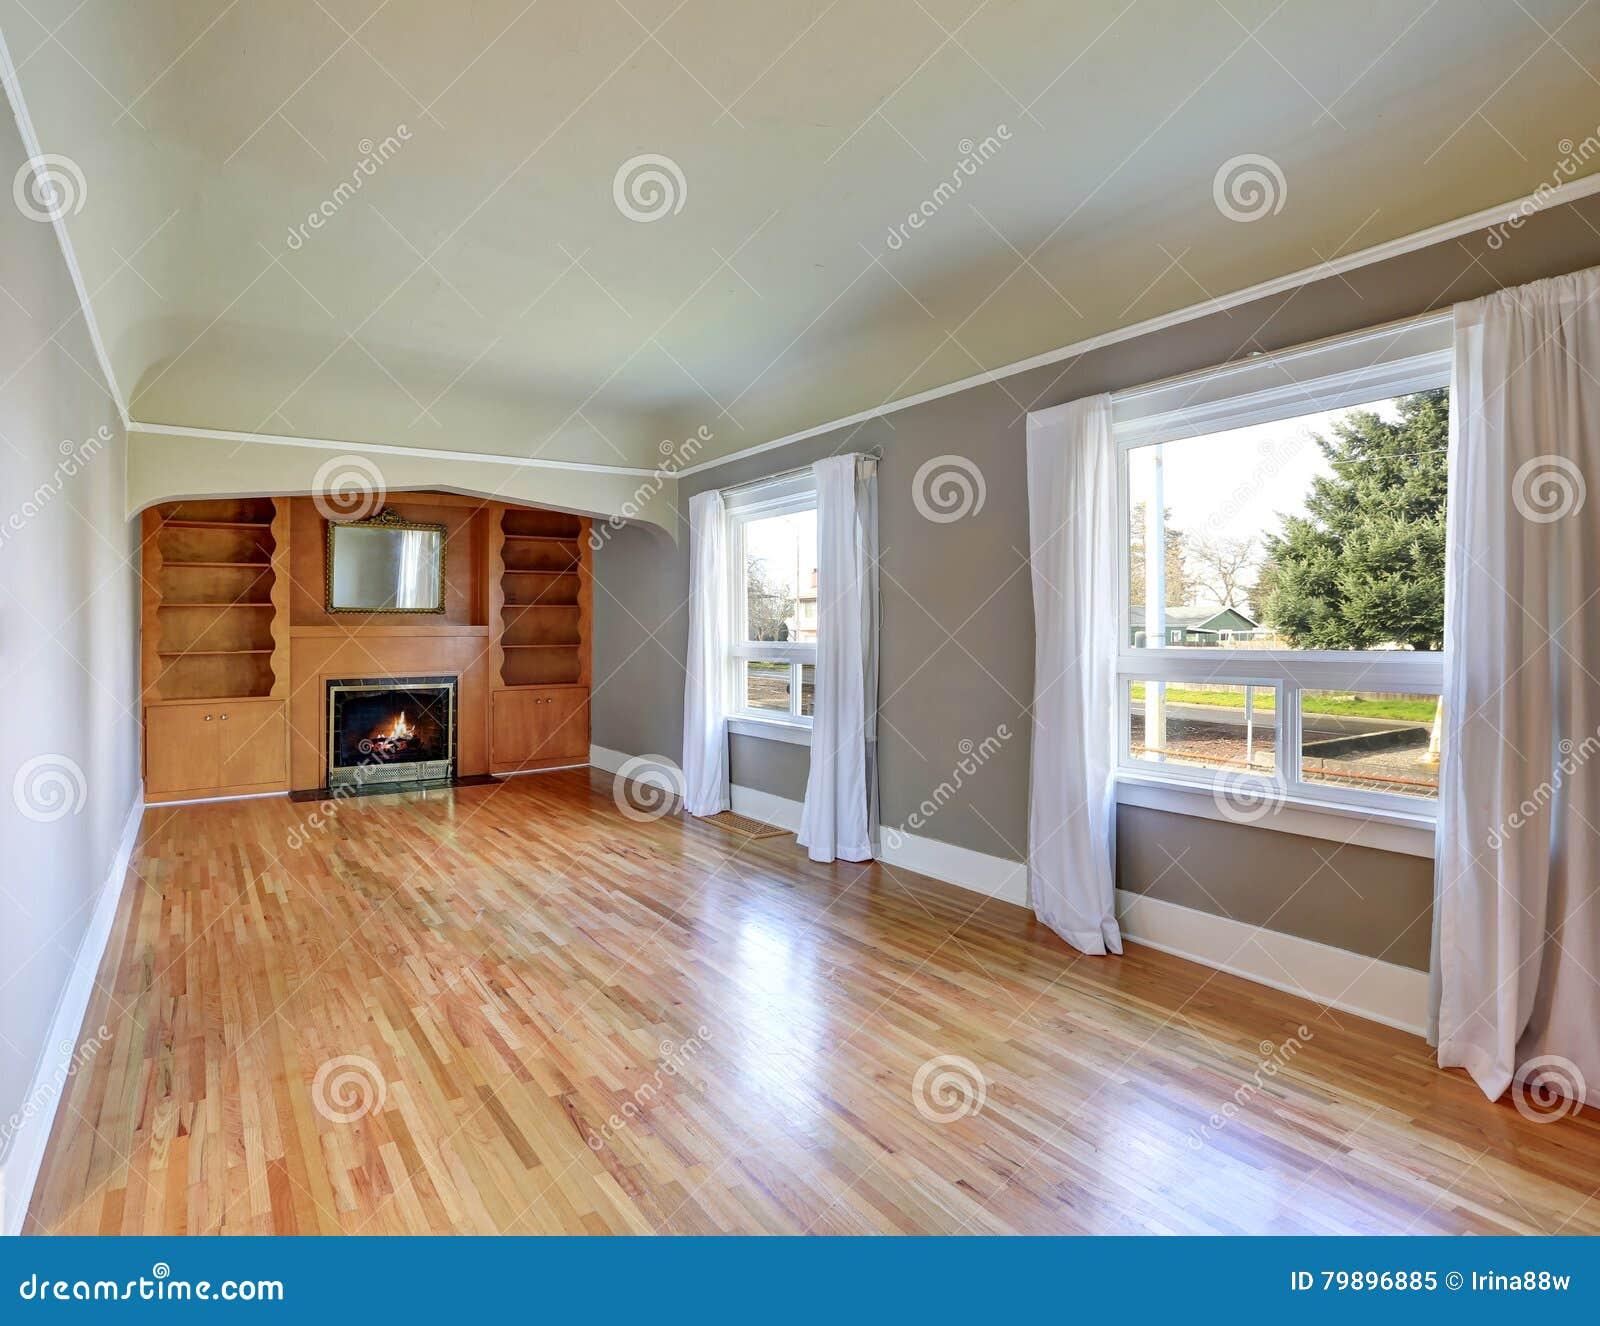 amueblar casa completa top sala with amueblar casa